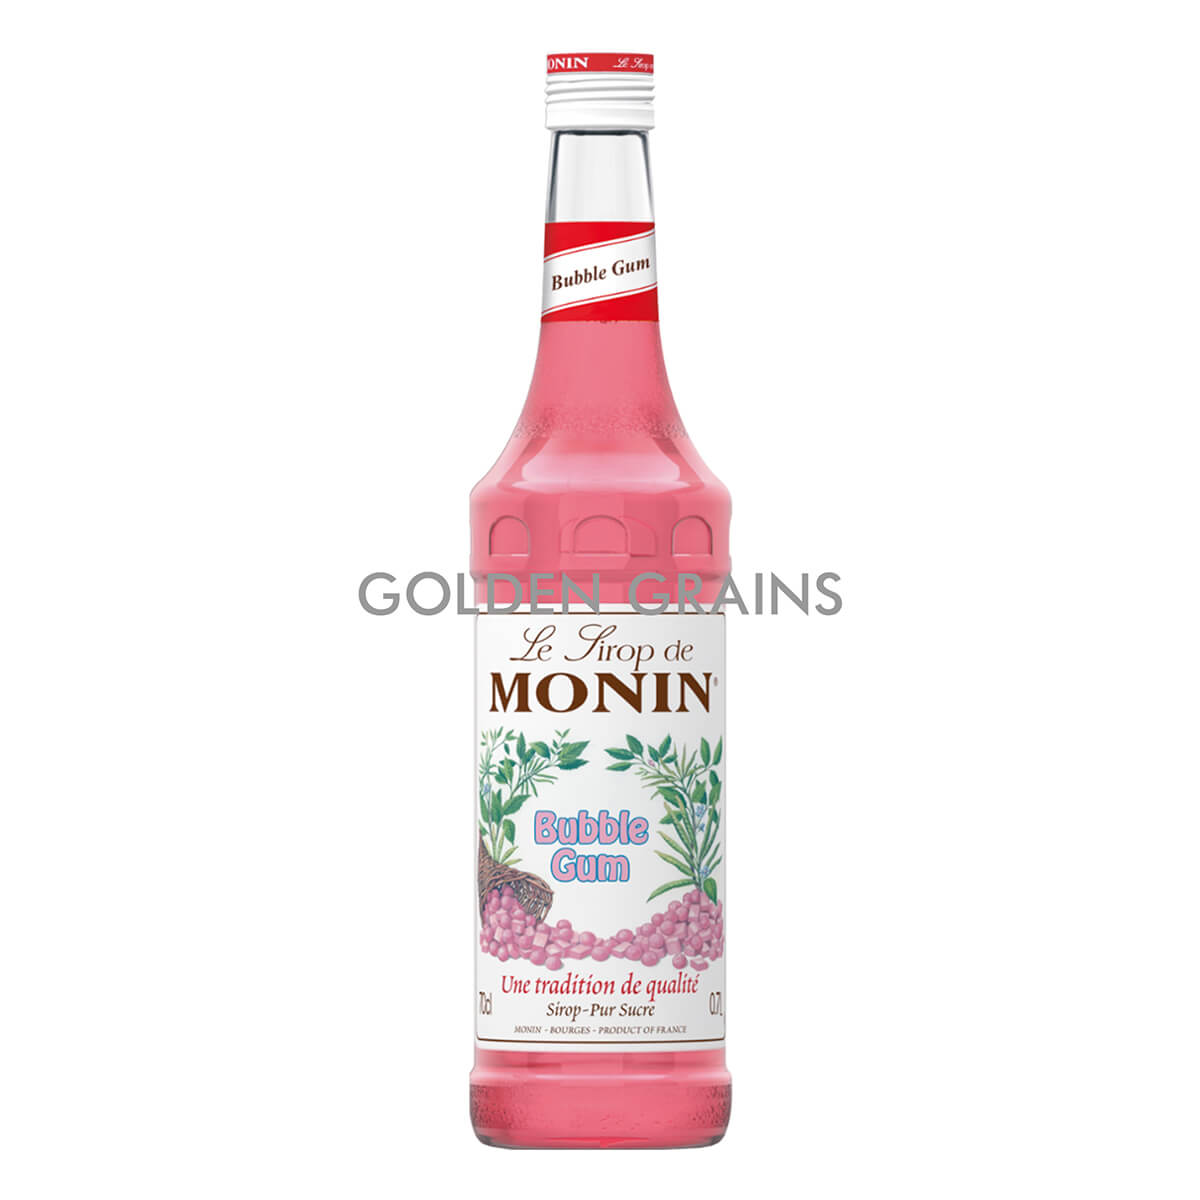 Golden Grains Monin - Bubble Gum Syrup - Front.jpg